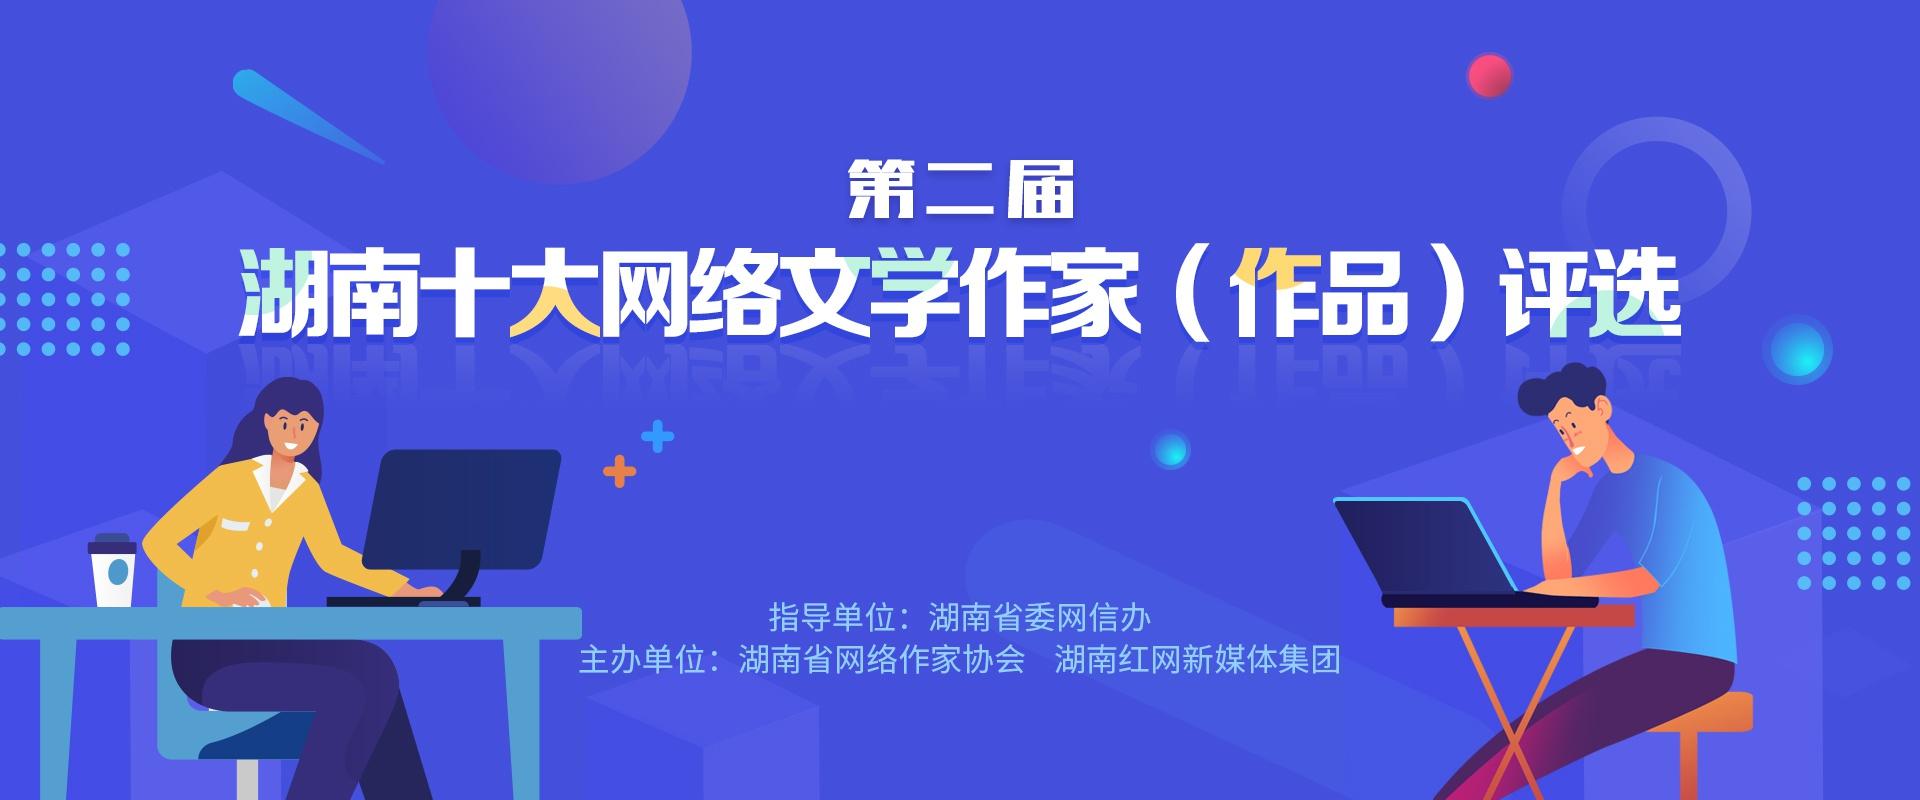 第二届湖南十大网络作家(作品)评选投票通道28日10时开启